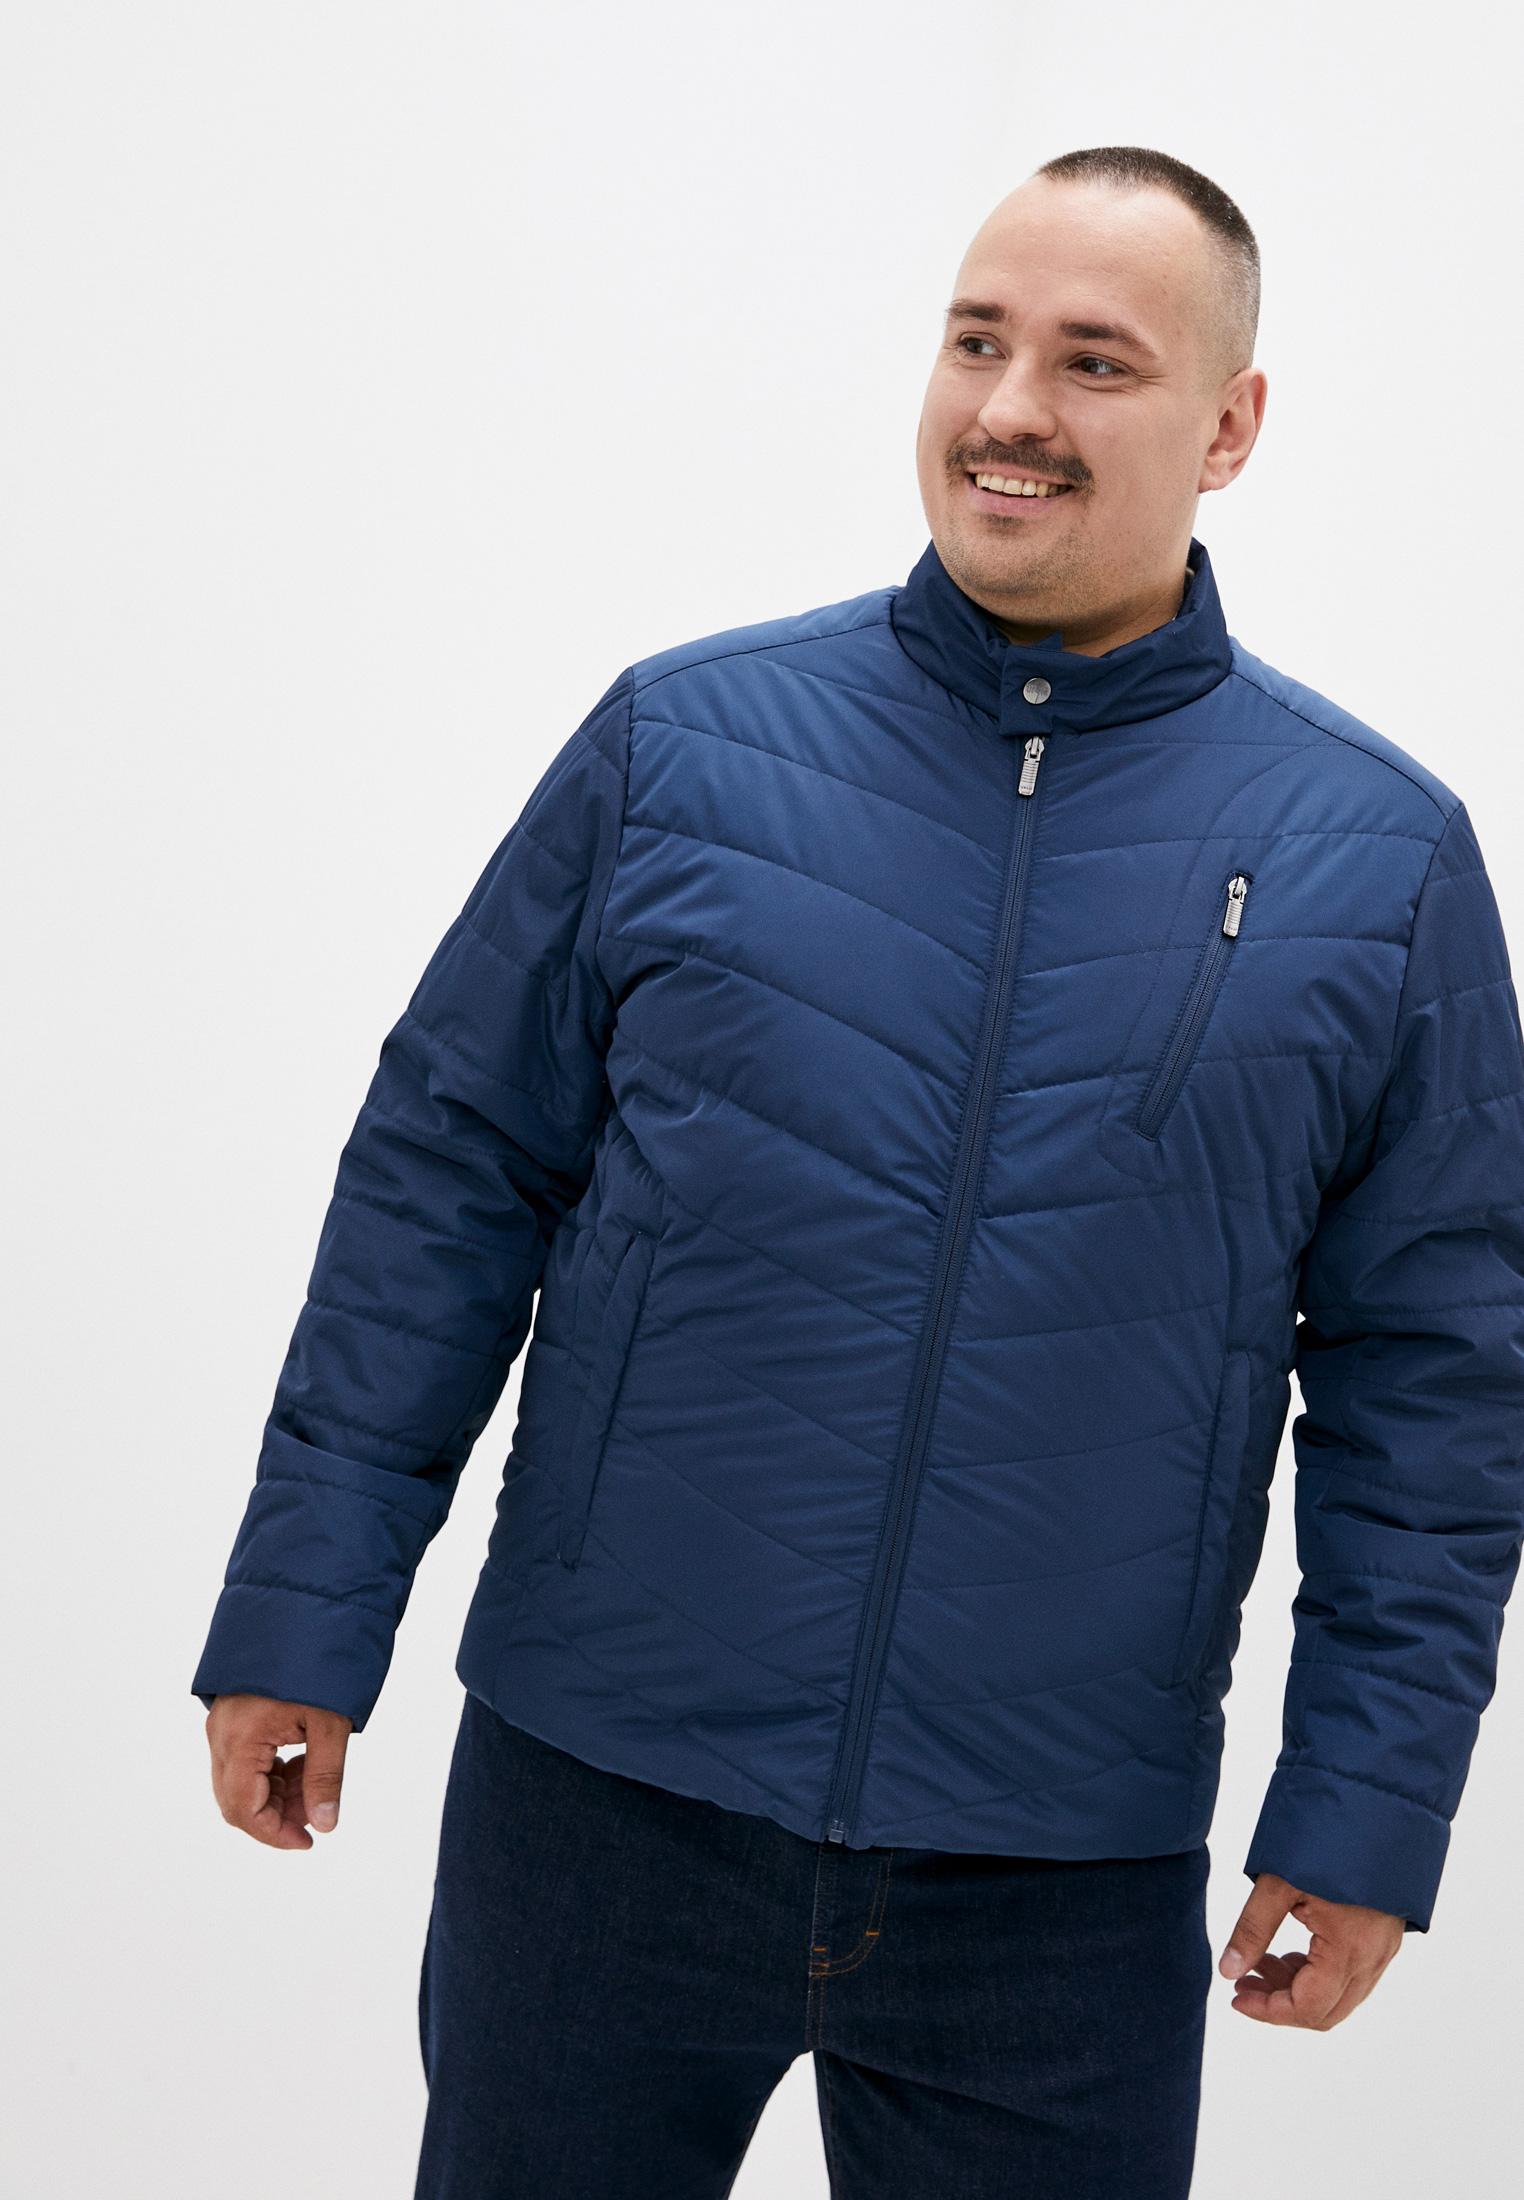 Куртка утепленная Urban Fashion for Men купить за в интернет-магазине Lamoda.ru